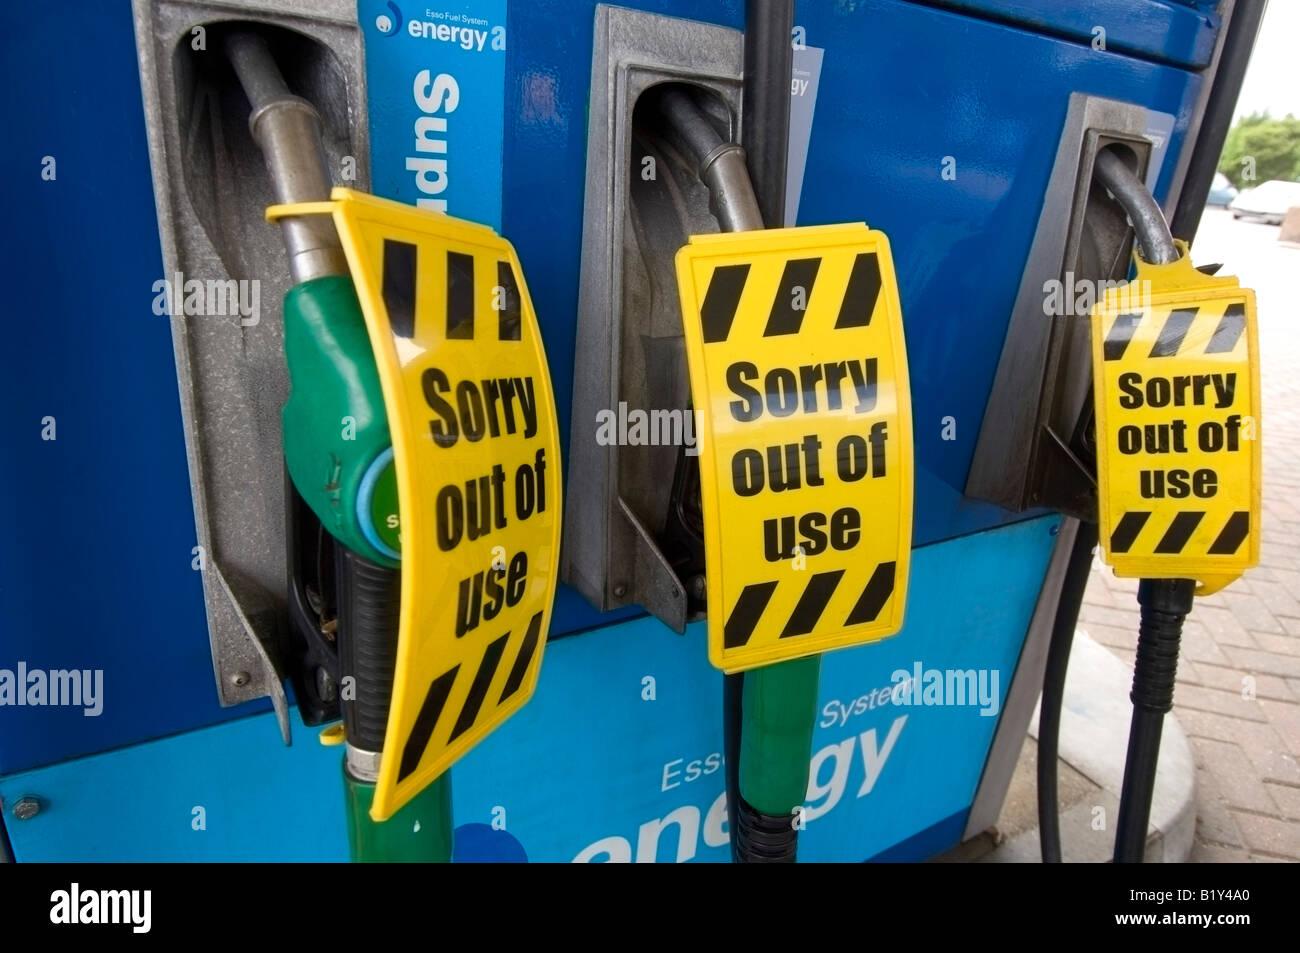 Petrol Pumps Stock Photos & Petrol Pumps Stock Images - Alamy